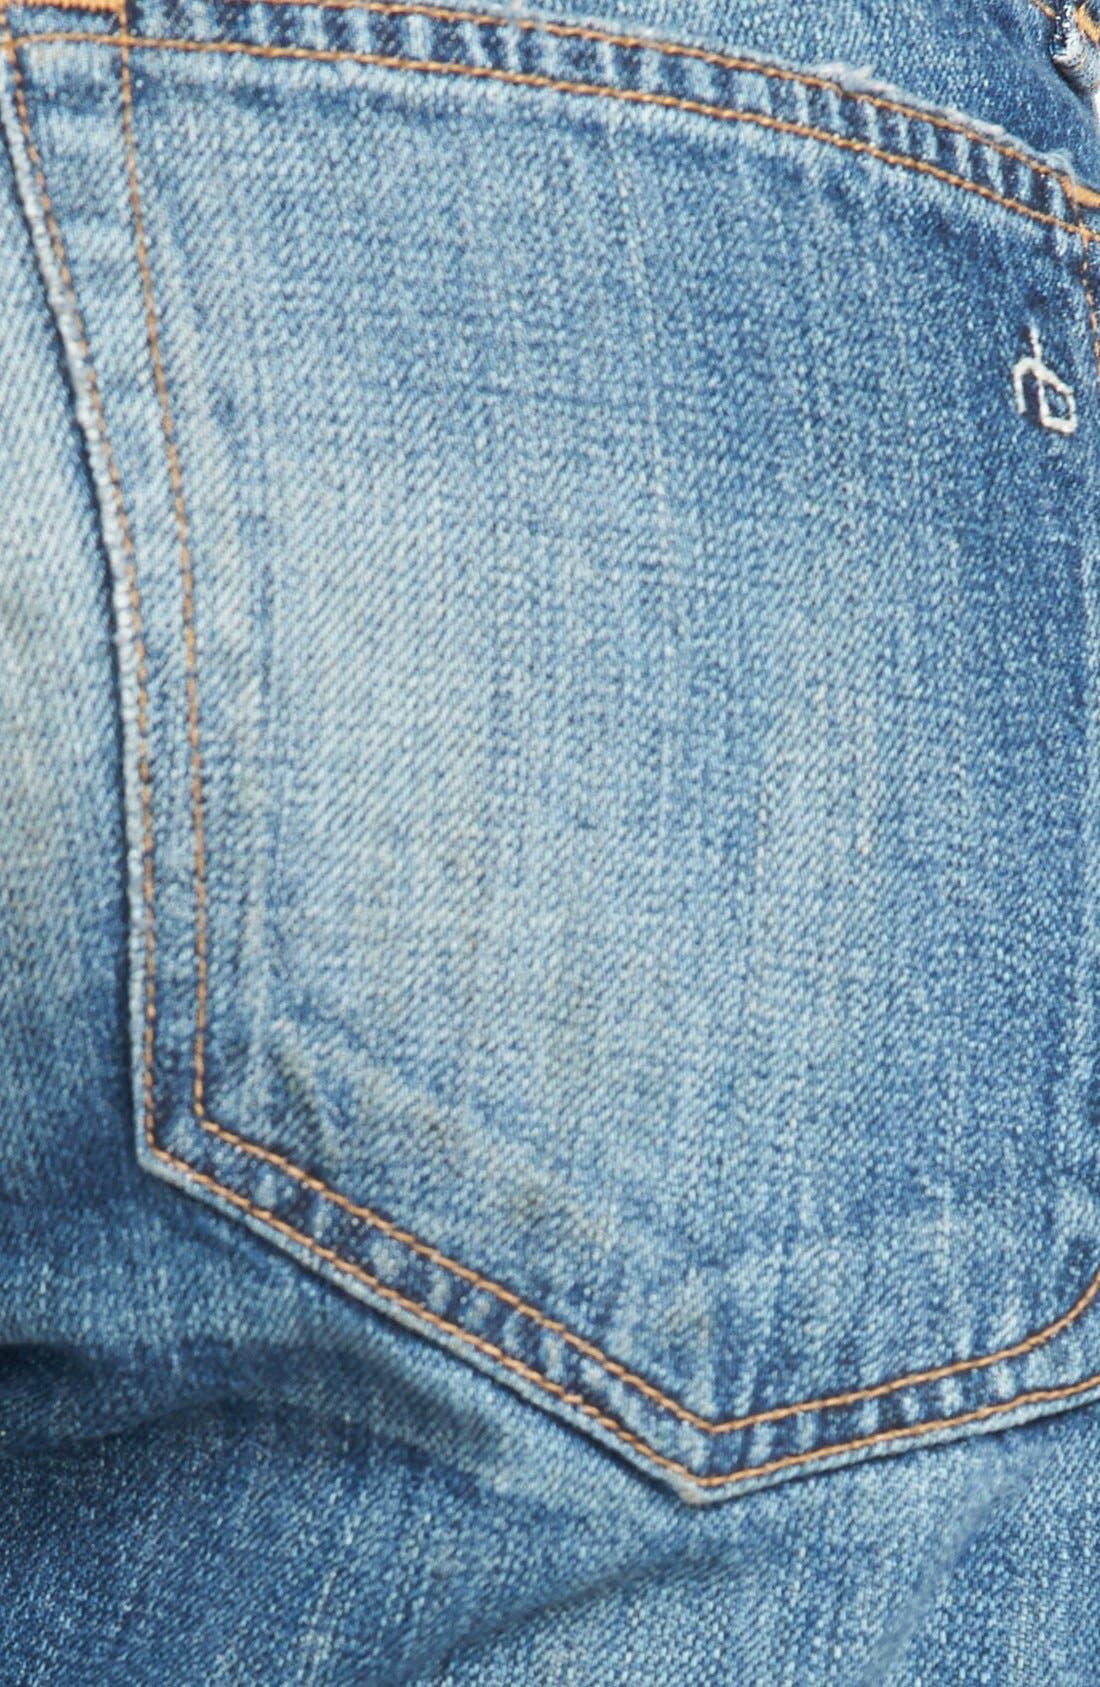 Alternate Image 3  - rag & bone/JEAN Boyfriend Jeans (Buckley)